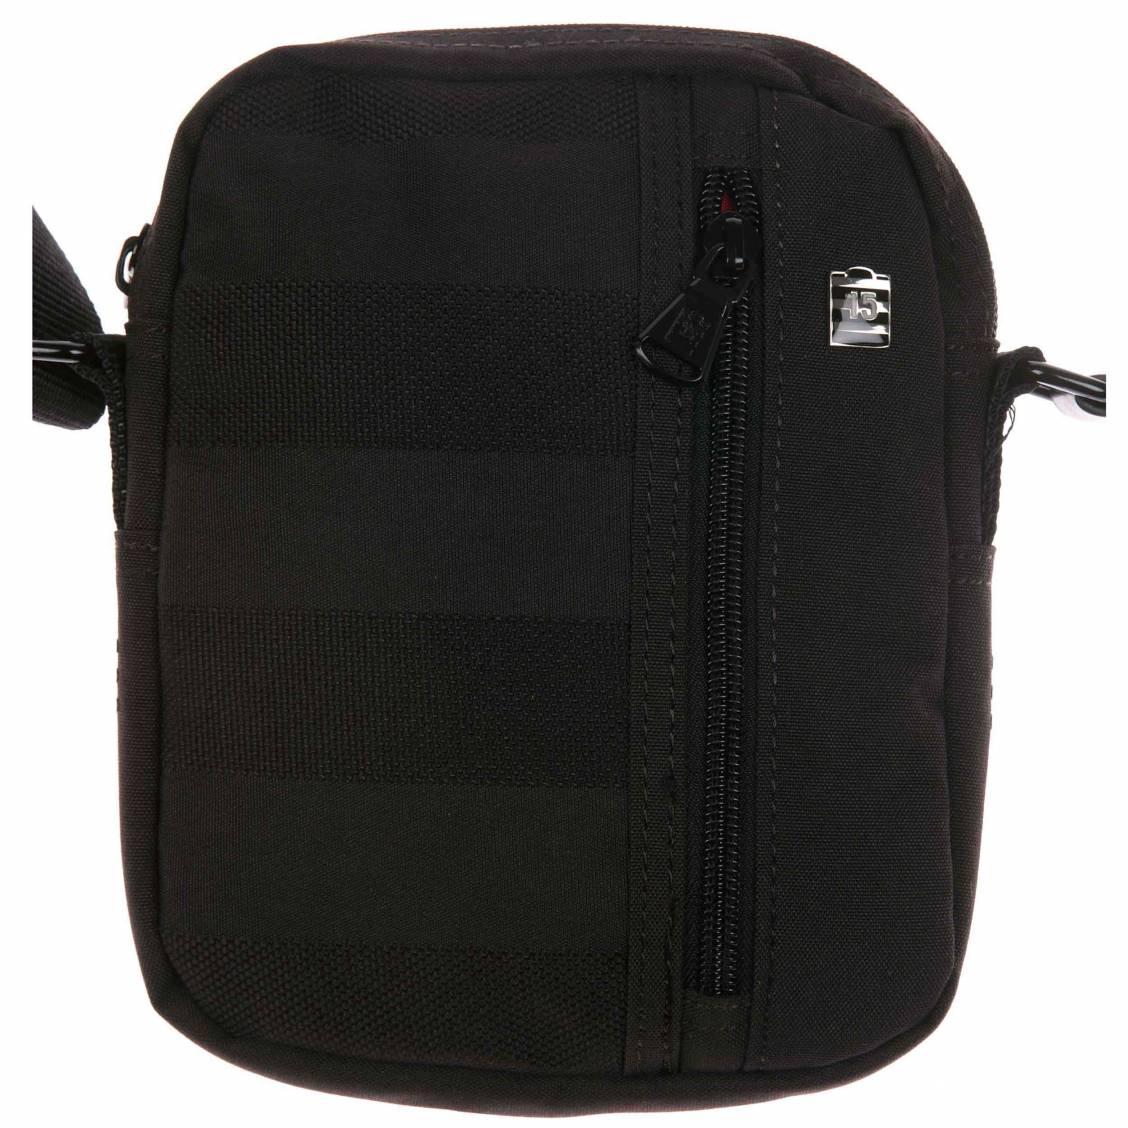 Petite Sacoche Serge Blanco Noire à poche zippée latérale bDn9ZilVLF